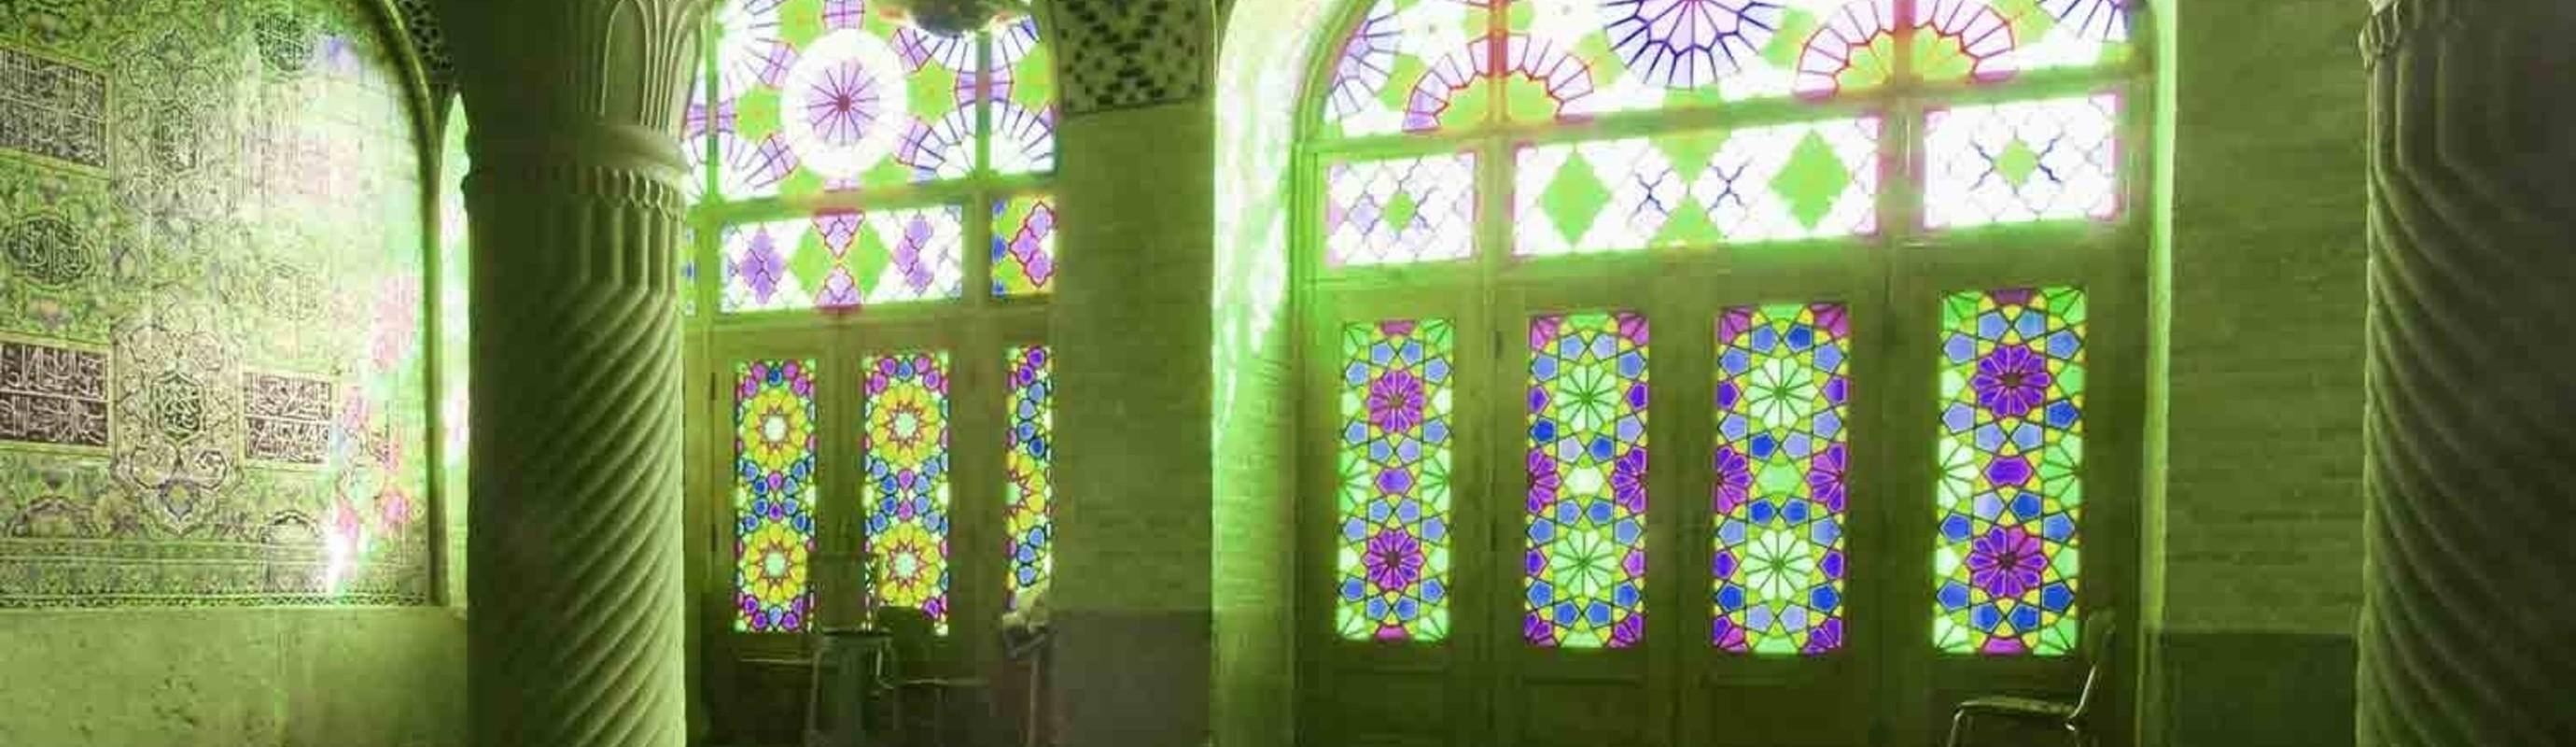 Katholieke priesters bezoeken Turkse moskee.